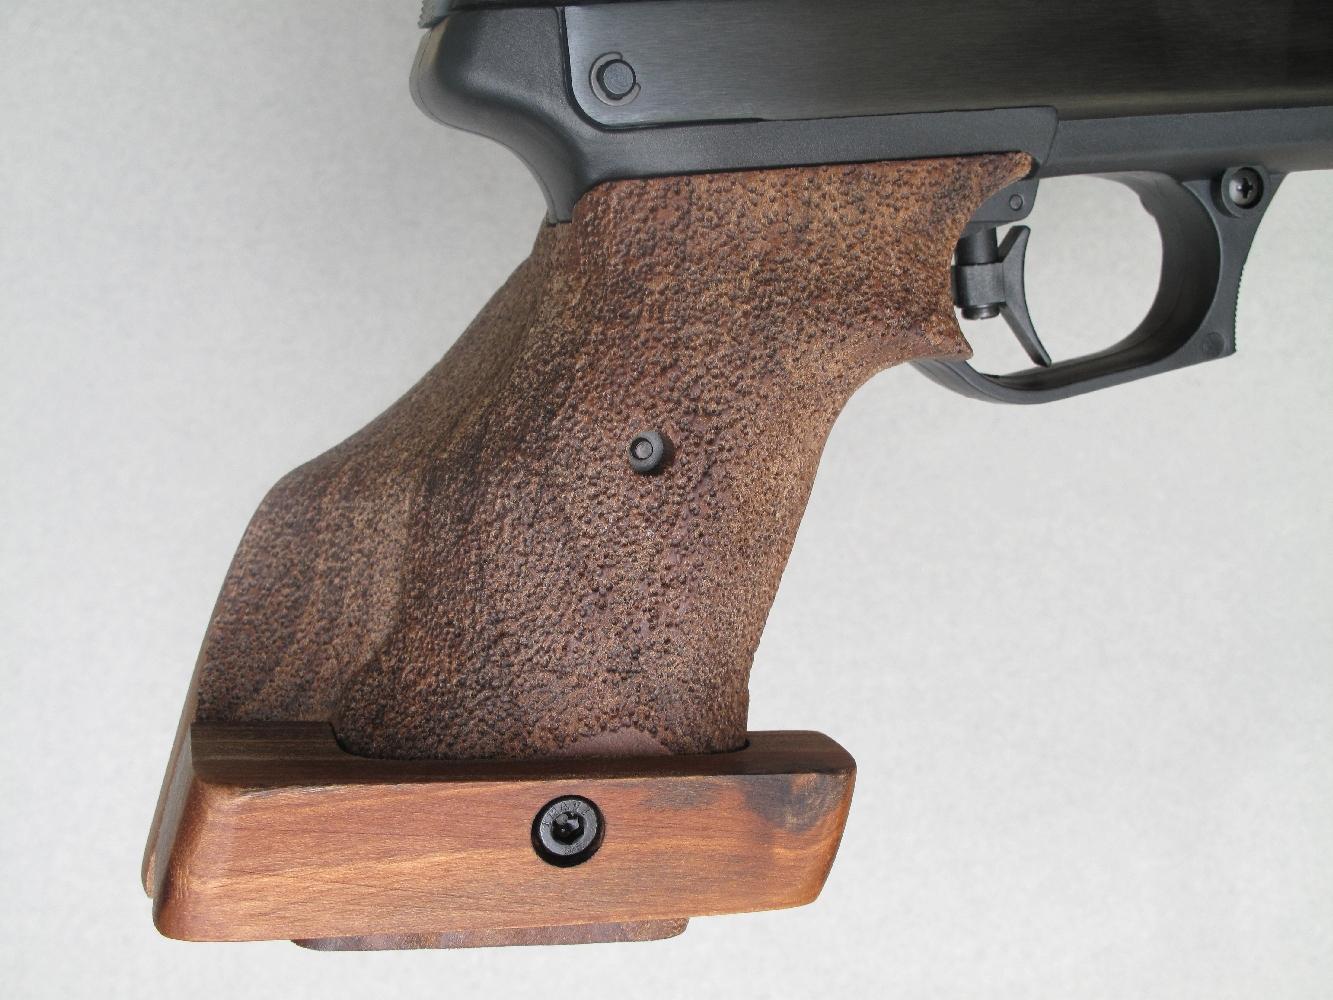 Ce pistolet reçoit une excellente poignée anatomique, proposée en deux versions selon qu'elle s'adresse à un tireur droitier ou gaucher. Le talon réglable facilite considérablement la tenue du pistolet à bras franc .